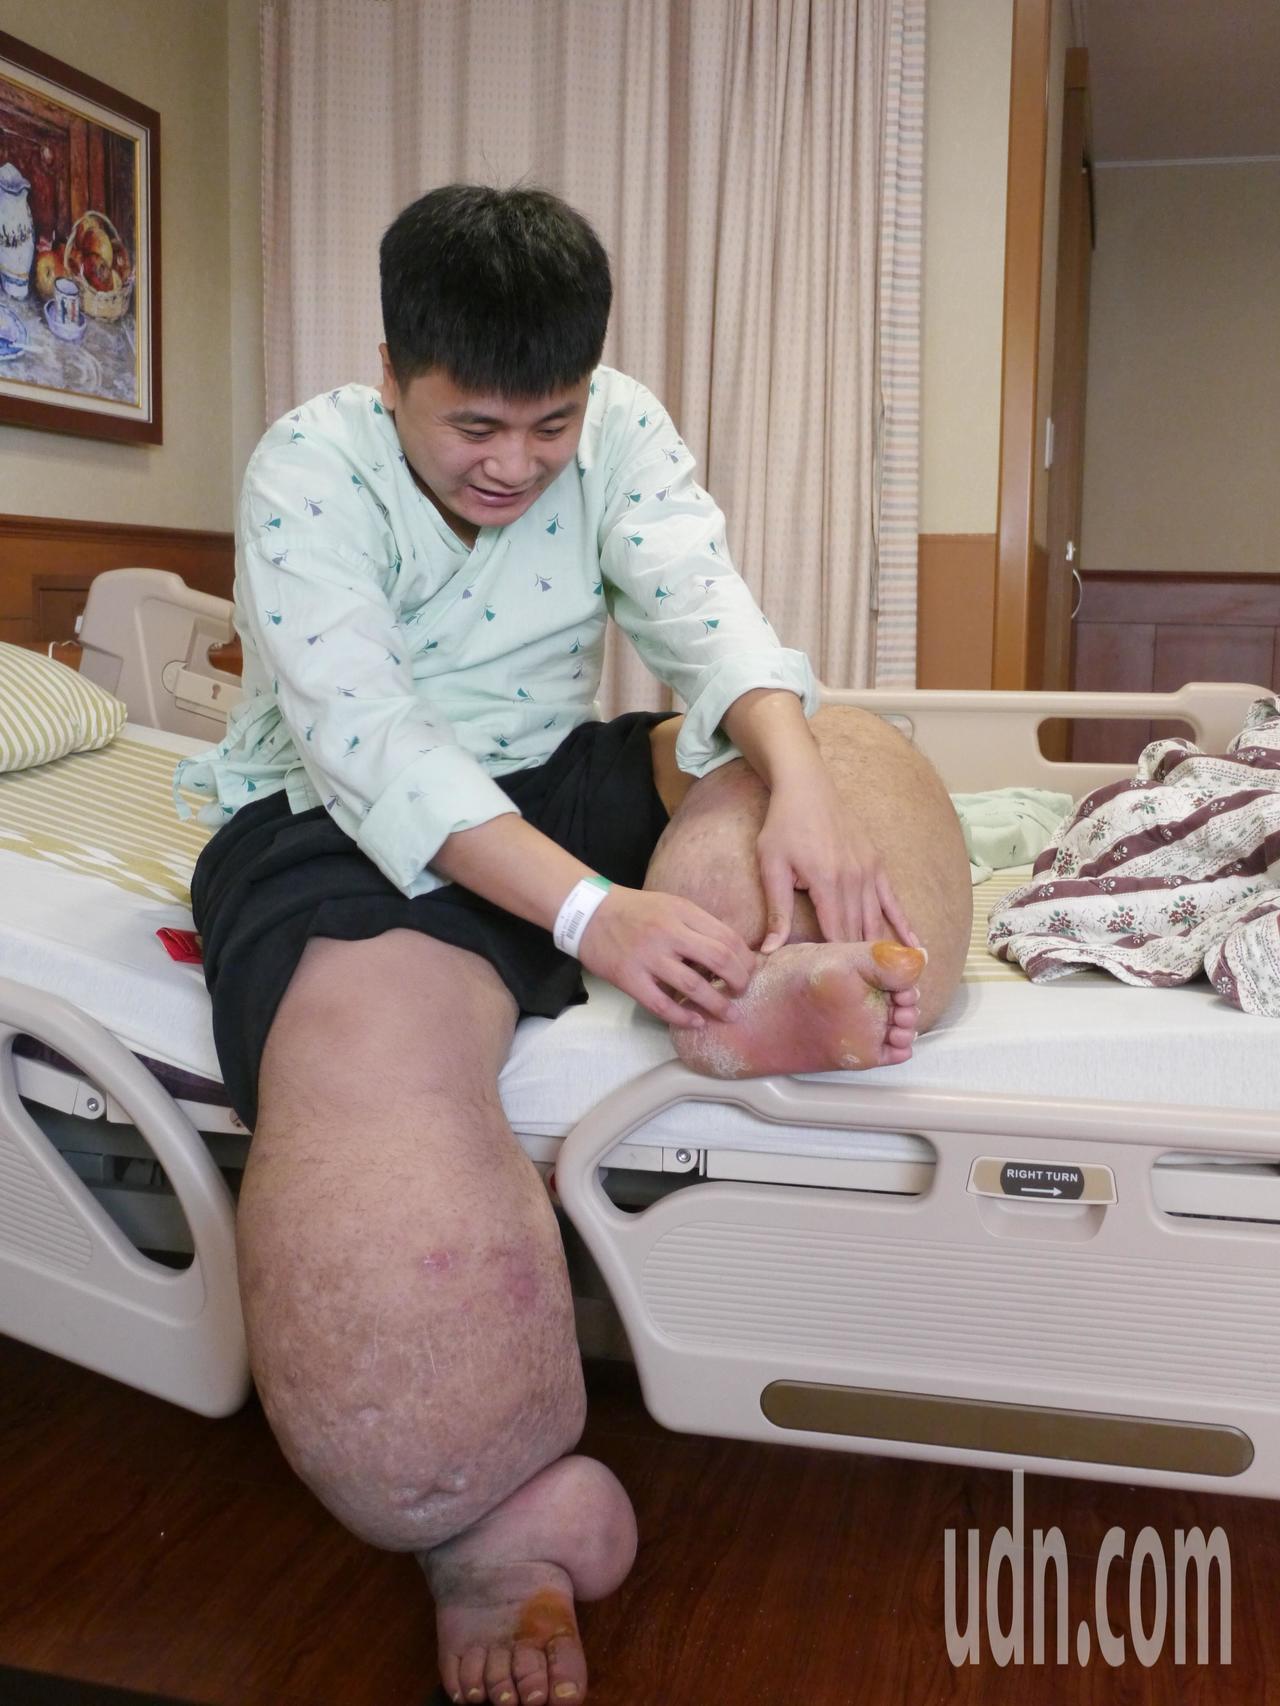 劉中秋從中學時期起發病,至今已經動過9次手術,生活飽受病痛折磨。記者徐白櫻/攝影